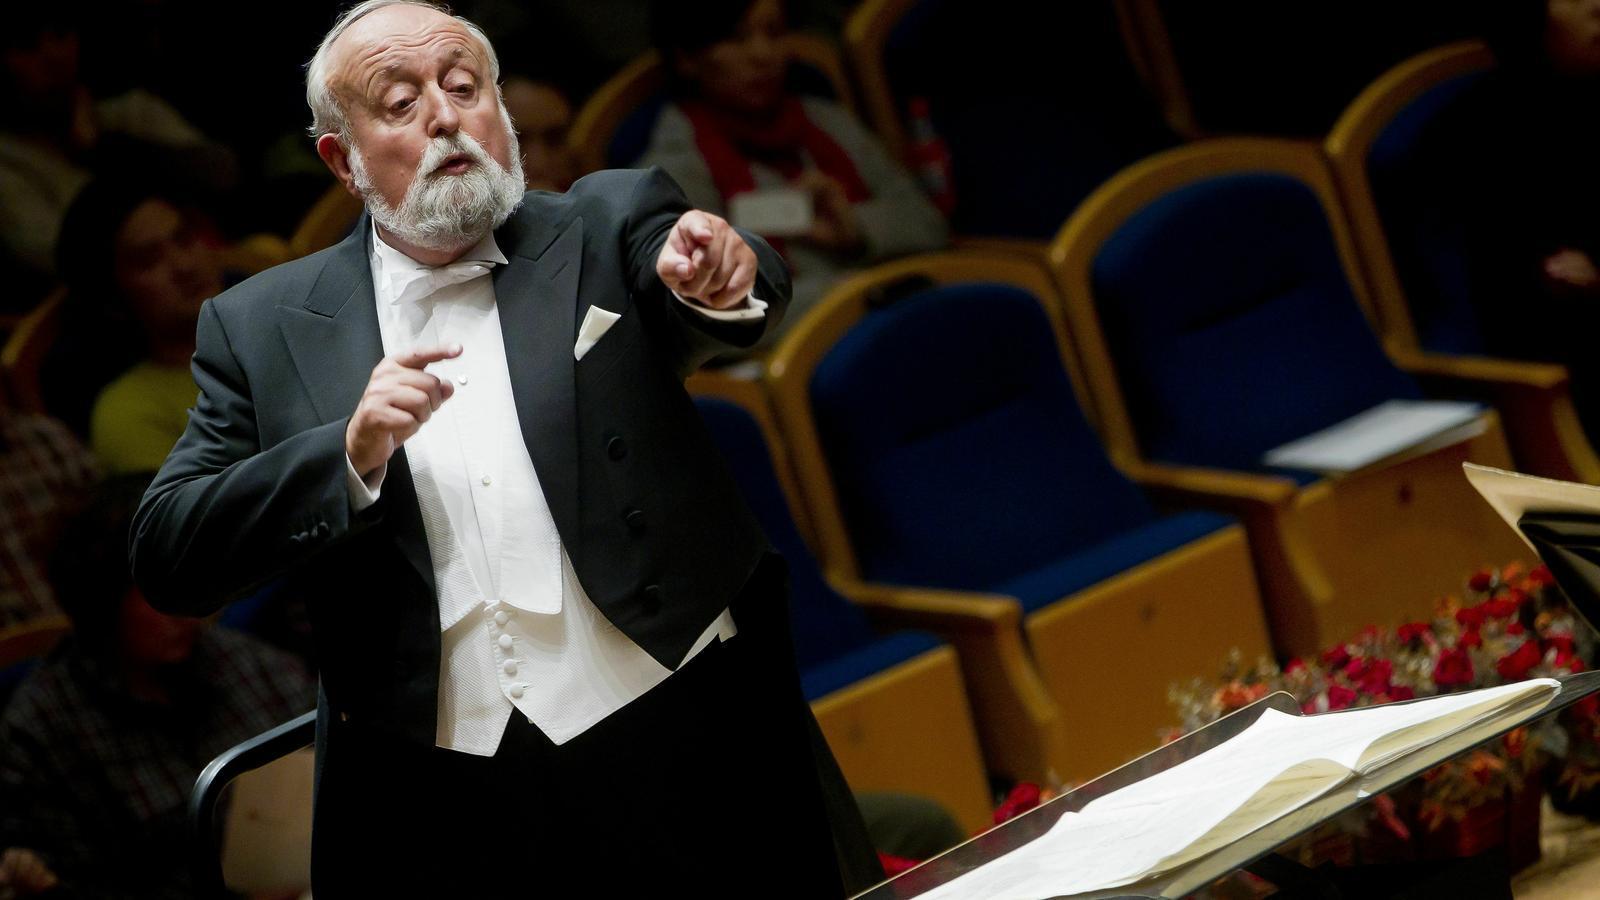 El compositor polonès Krzysztof Penderecki dirigeix l'Orquestra Simfònica Nacional de la Xina